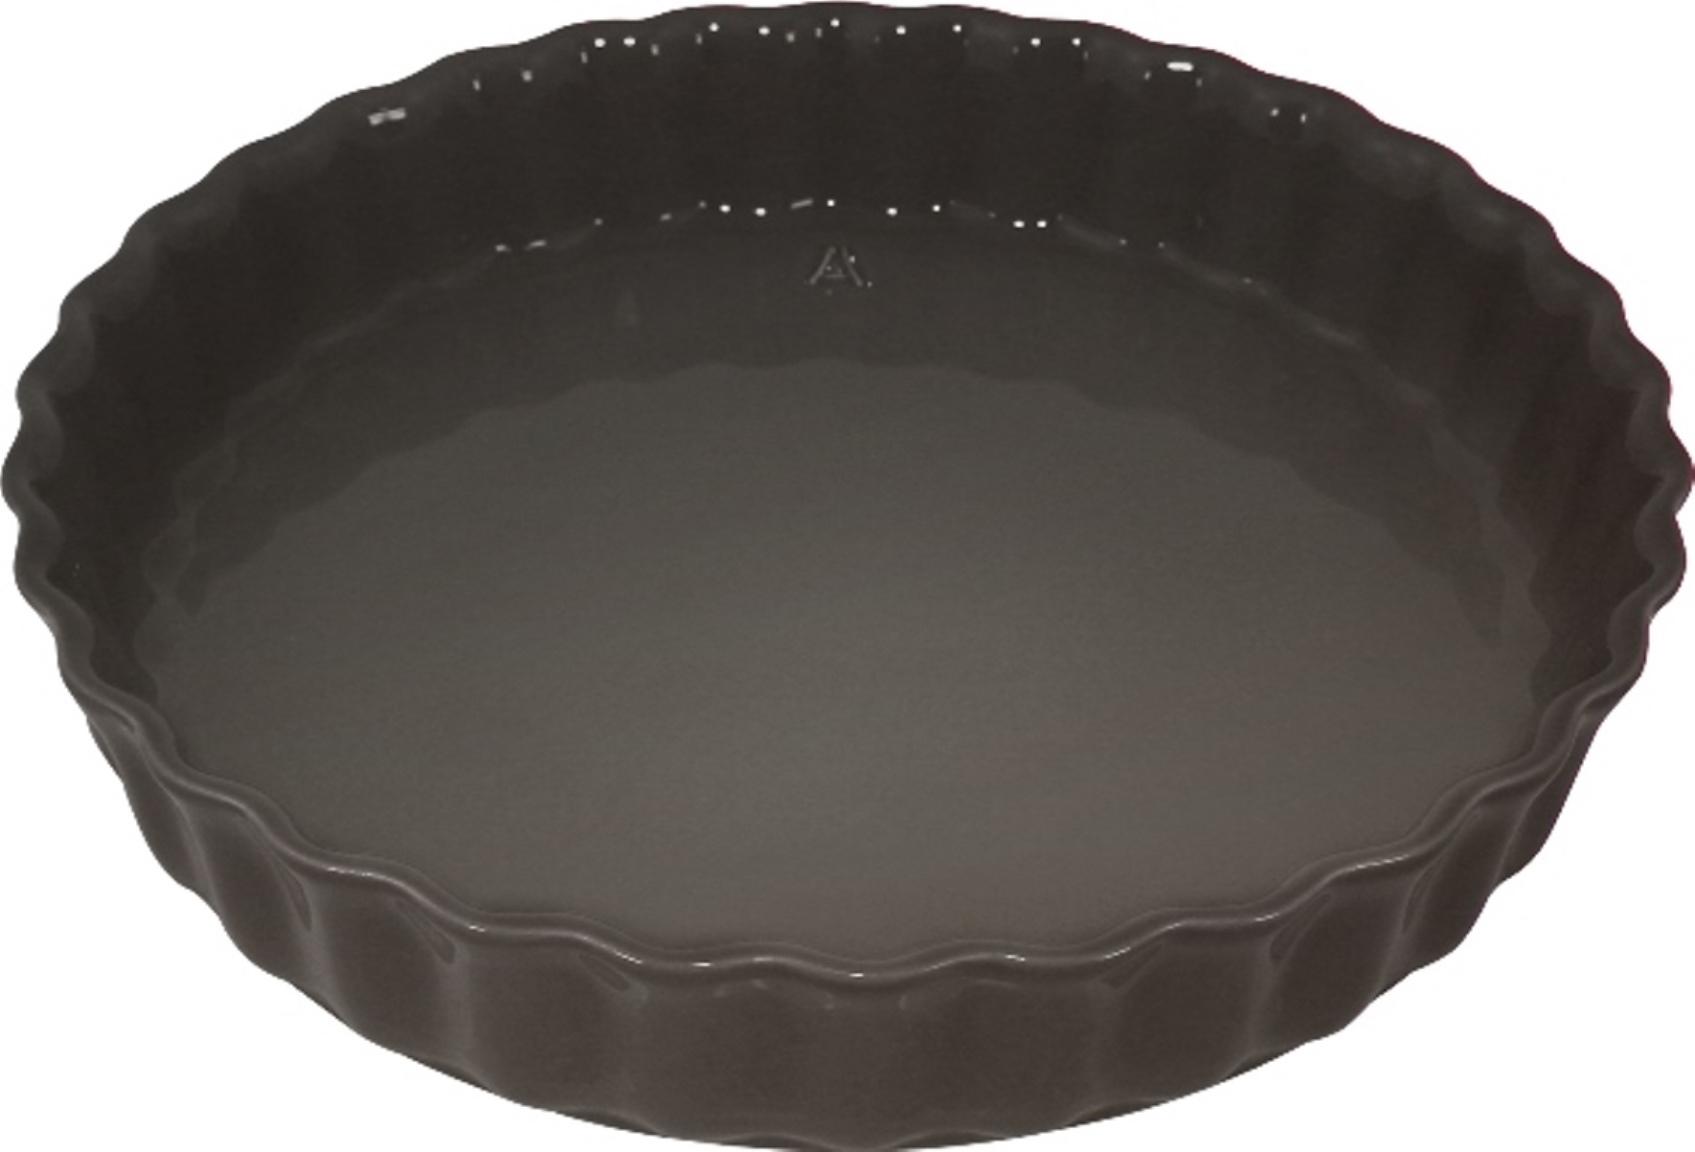 Форма для пирога 28 см Appolia Delices DARK GREY 11028044Формы для запекания (выпечки)<br>Форма для пирога 28 см Appolia Delices DARK GREY 11028044<br><br>Благодаря большому разнообразию изящных форм и широкой цветовой гамме, коллекция DELICES предлагает всевозможные варианты приготовления блюд для себя и гостей. Выбирайте цвета в соответствии с вашими желаниями и вашей кухне. Закругленные углы облегчают чистку. Легко использовать. Большие удобные ручки. Прочная жароустойчивая керамика экологична и изготавливается из высококачественной глины. Прочная глазурь устойчива к растрескиванию и сколам, не содержит свинца и кадмия. Глина обеспечивает медленный и равномерный нагрев, деликатное приготовление с сохранением всех питательных веществ и витаминов, а та же долго сохраняет тепло, что удобно при сервировке горячих блюд.<br>